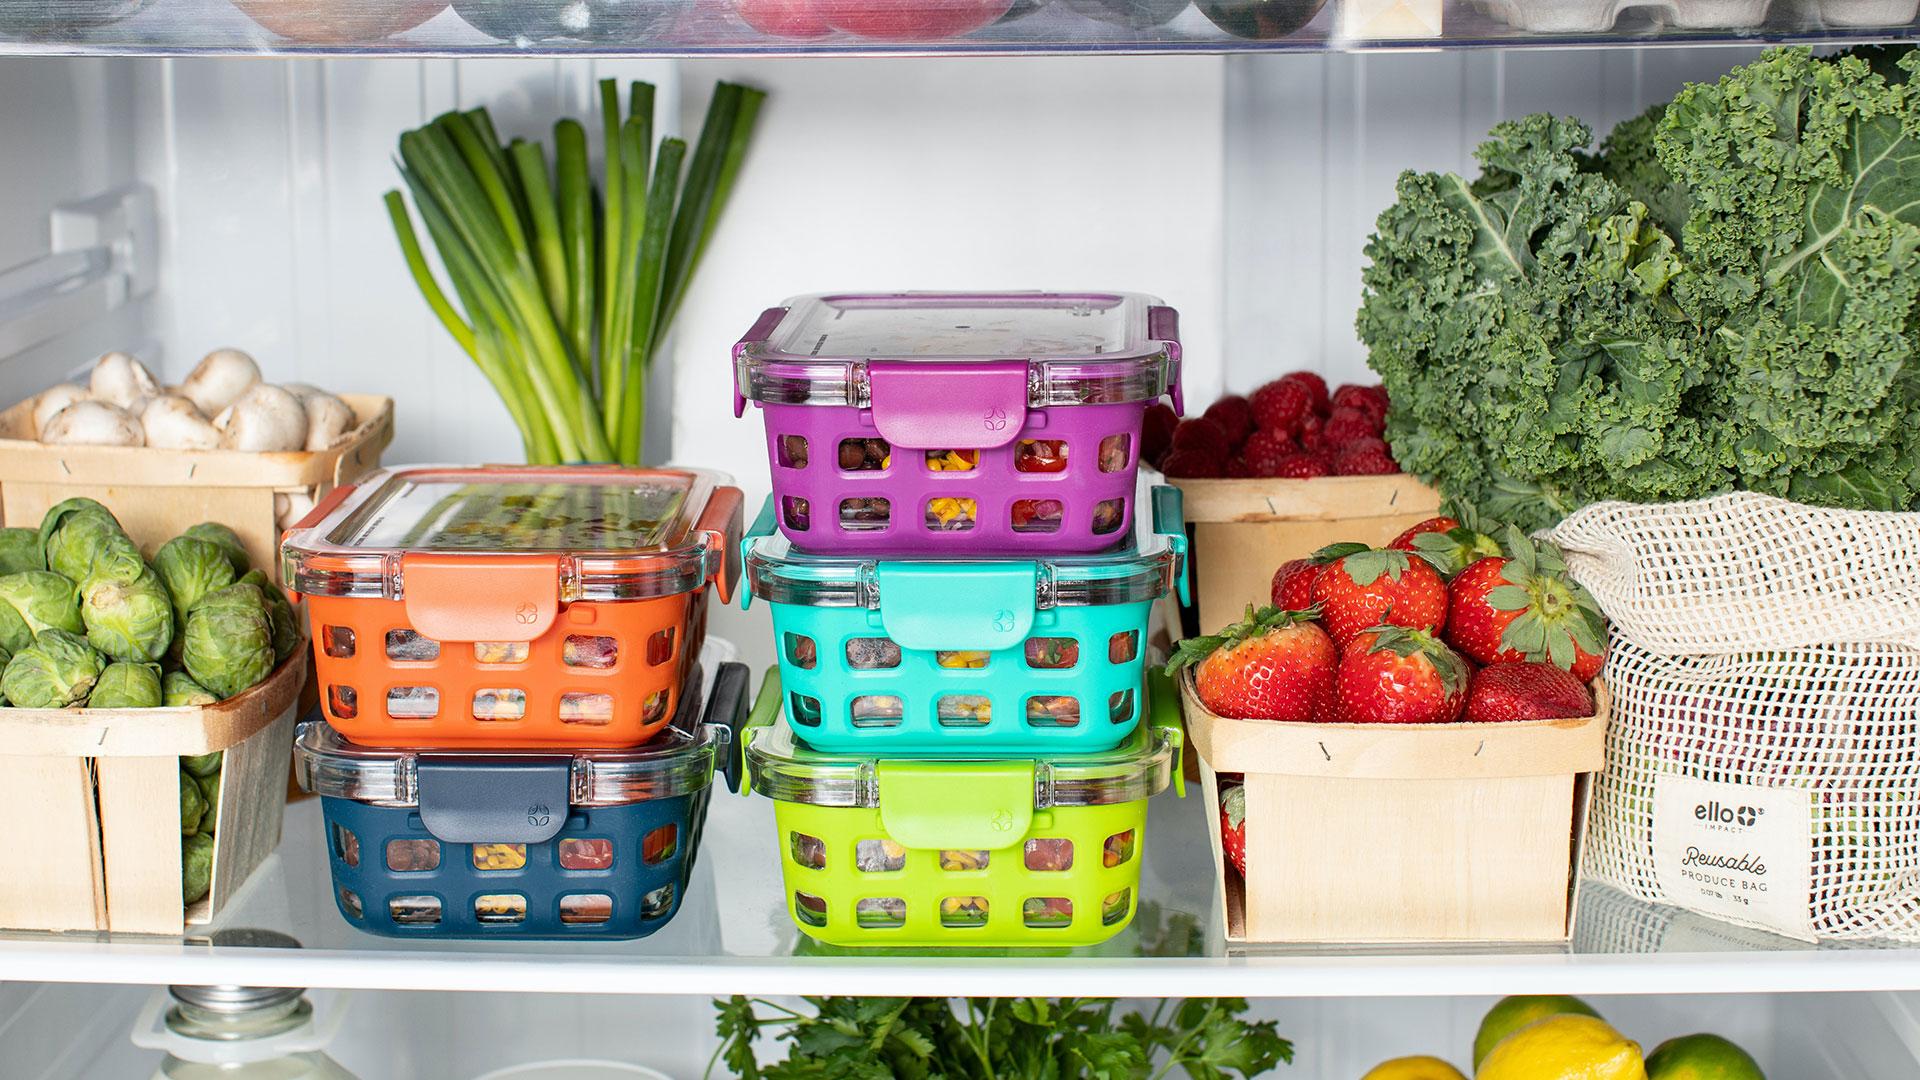 Organizza il frigorifero